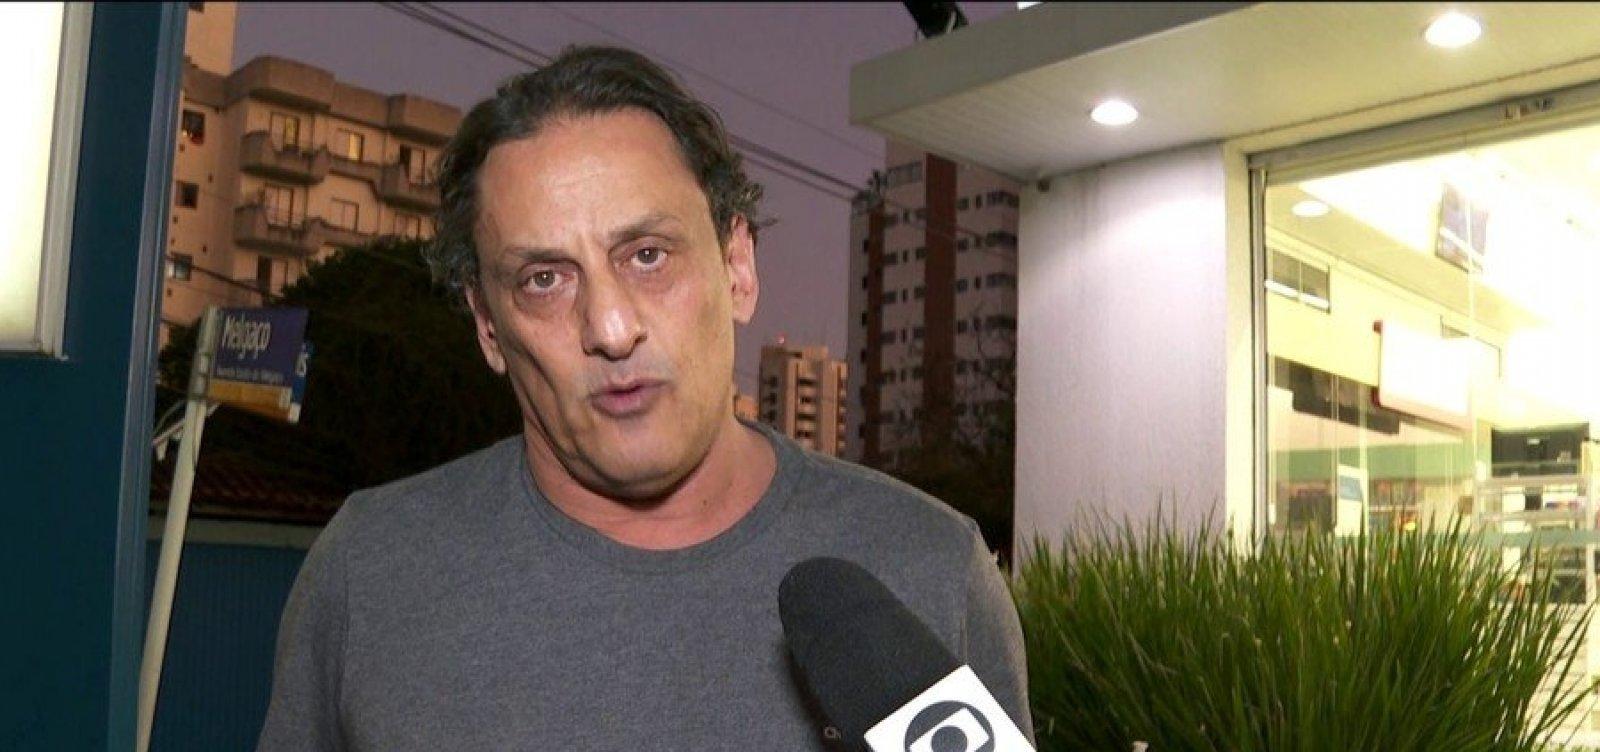 Wassef diz que guarda 'a sete chaves' provas 'que ninguém imagina' de sua relação com Bolsonaro